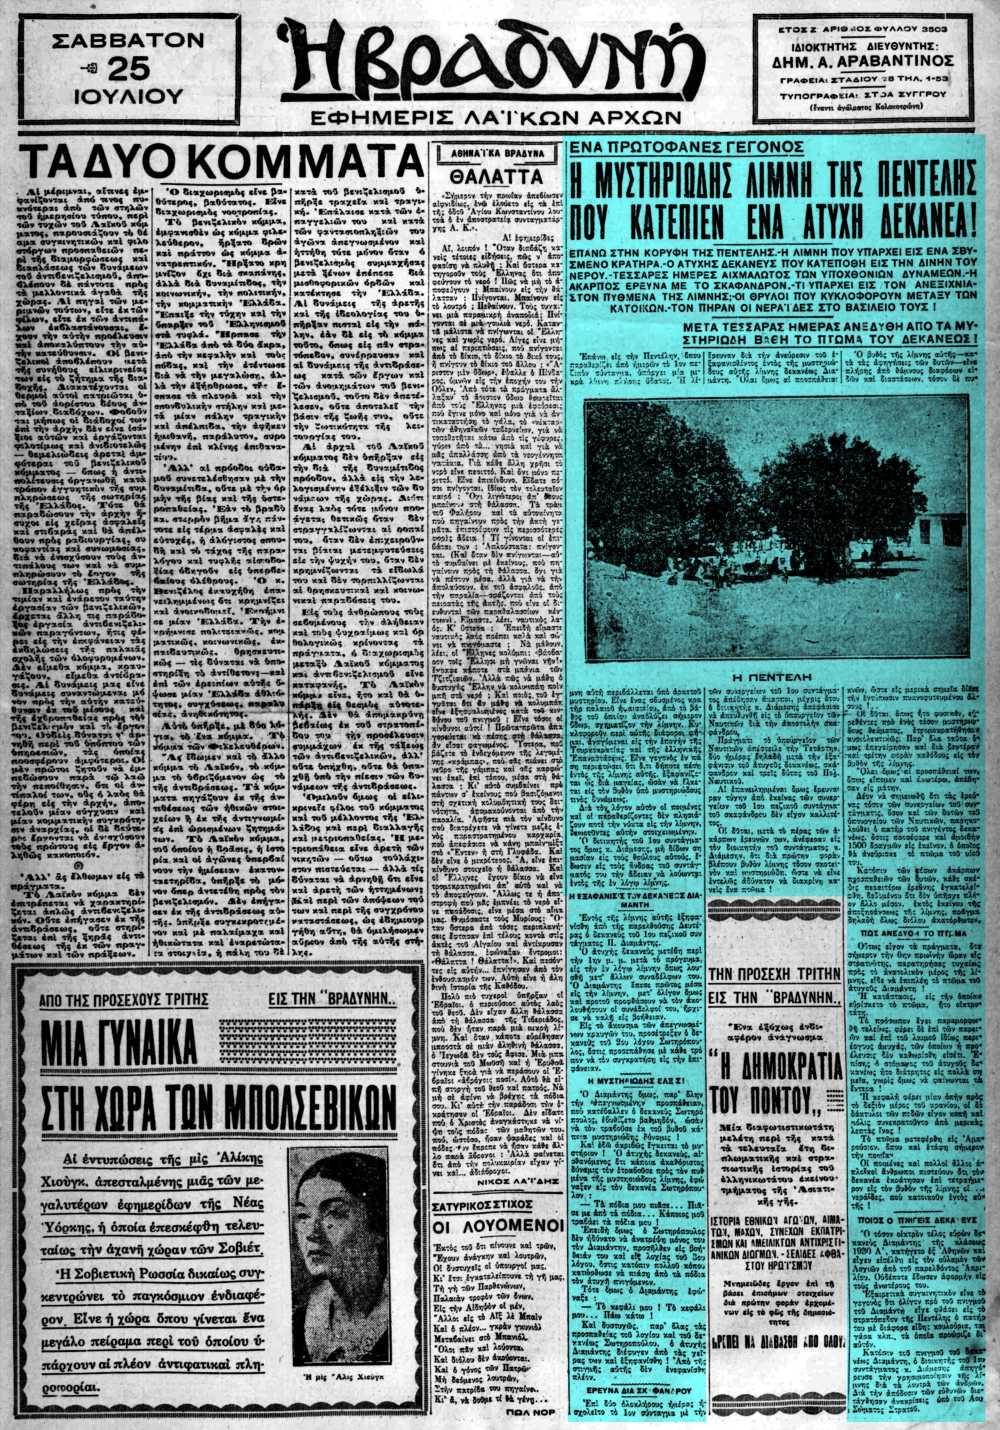 """Το άρθρο, όπως δημοσιεύθηκε στην εφημερίδα """"Η ΒΡΑΔΥΝΗ"""", στις 25/07/1931"""